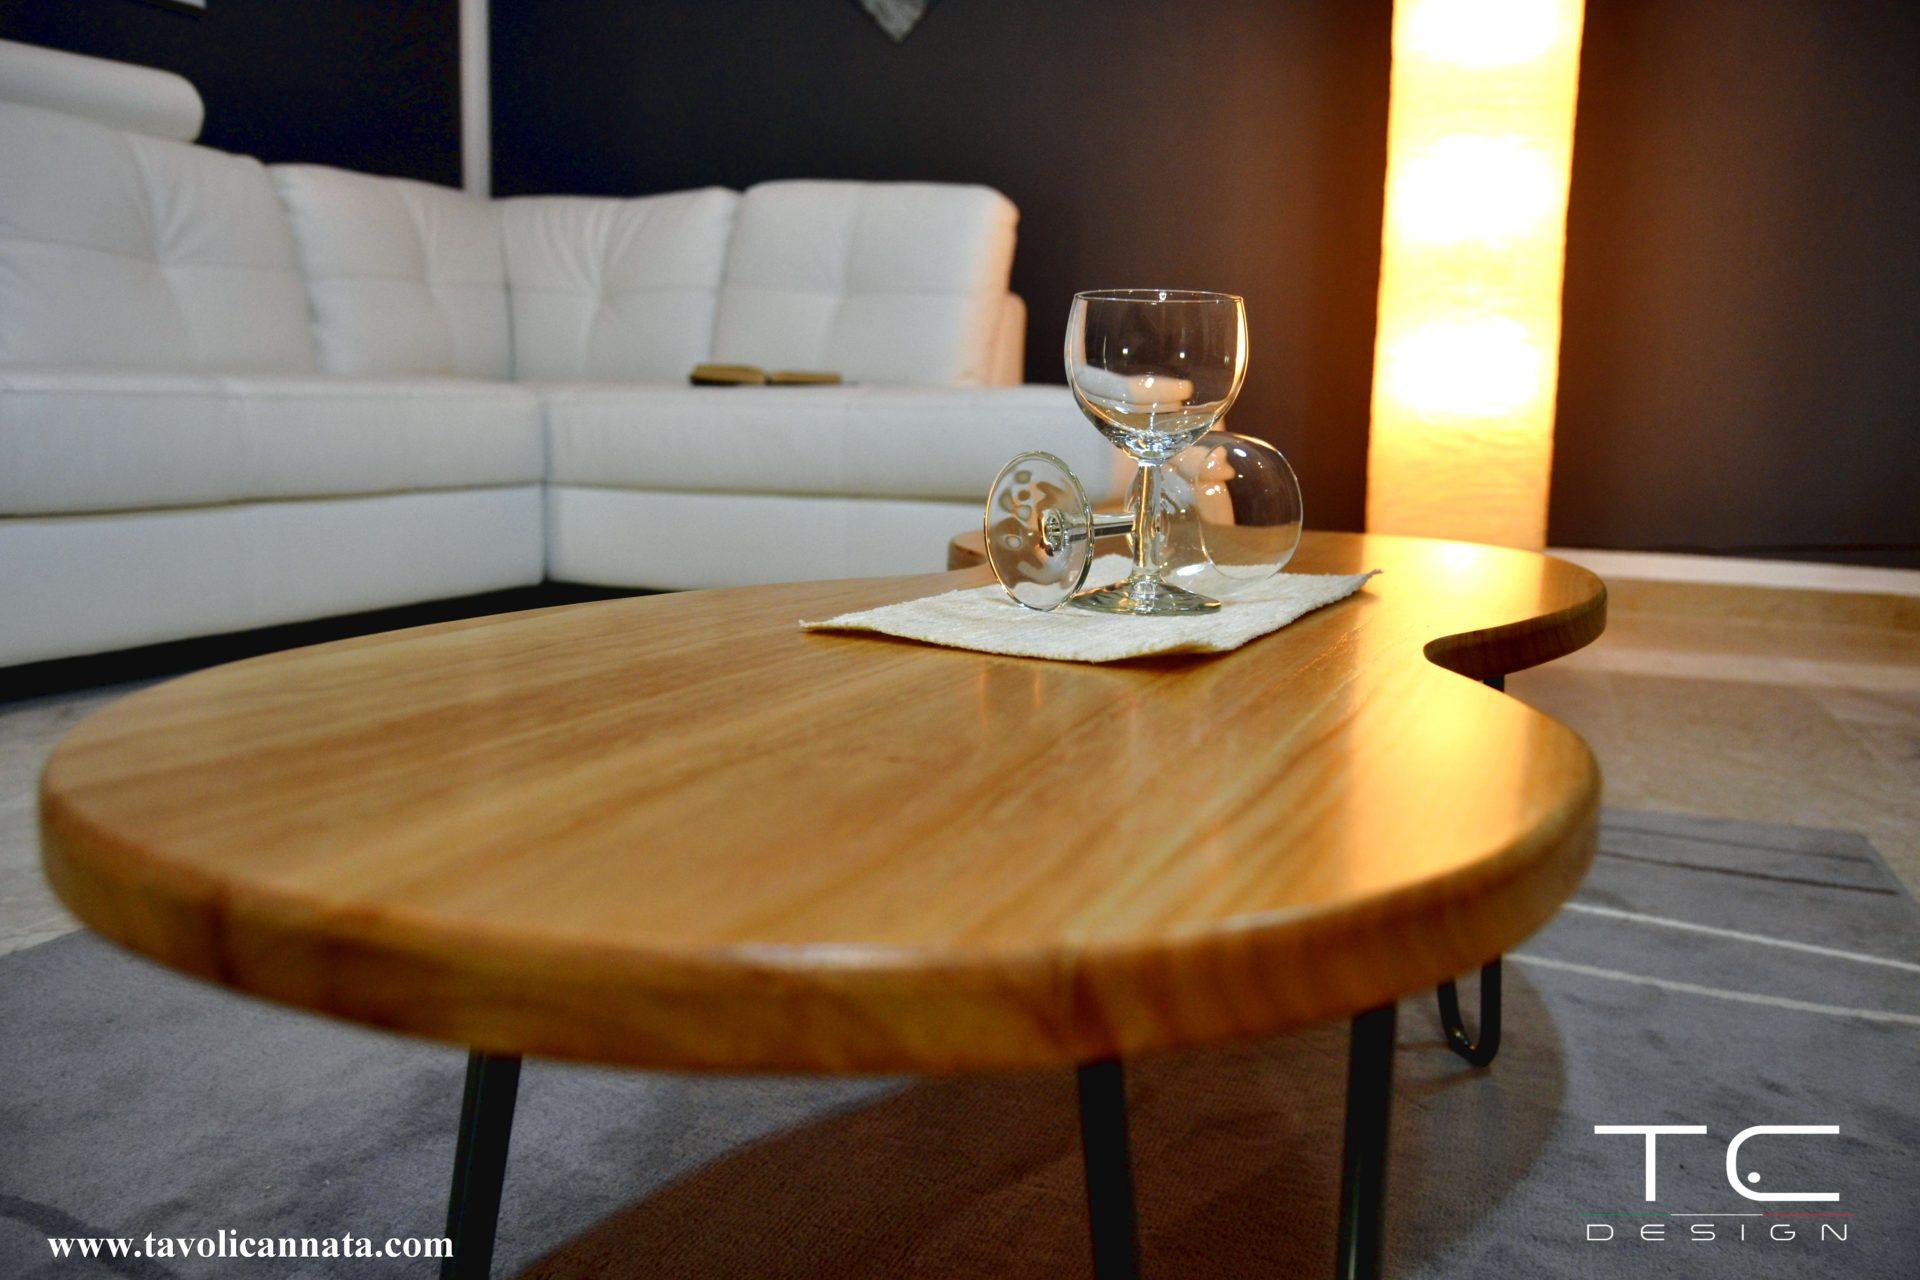 Tavolini In Legno Da Salotto : Tavolini da salotto in legno moderni tavoli cannata